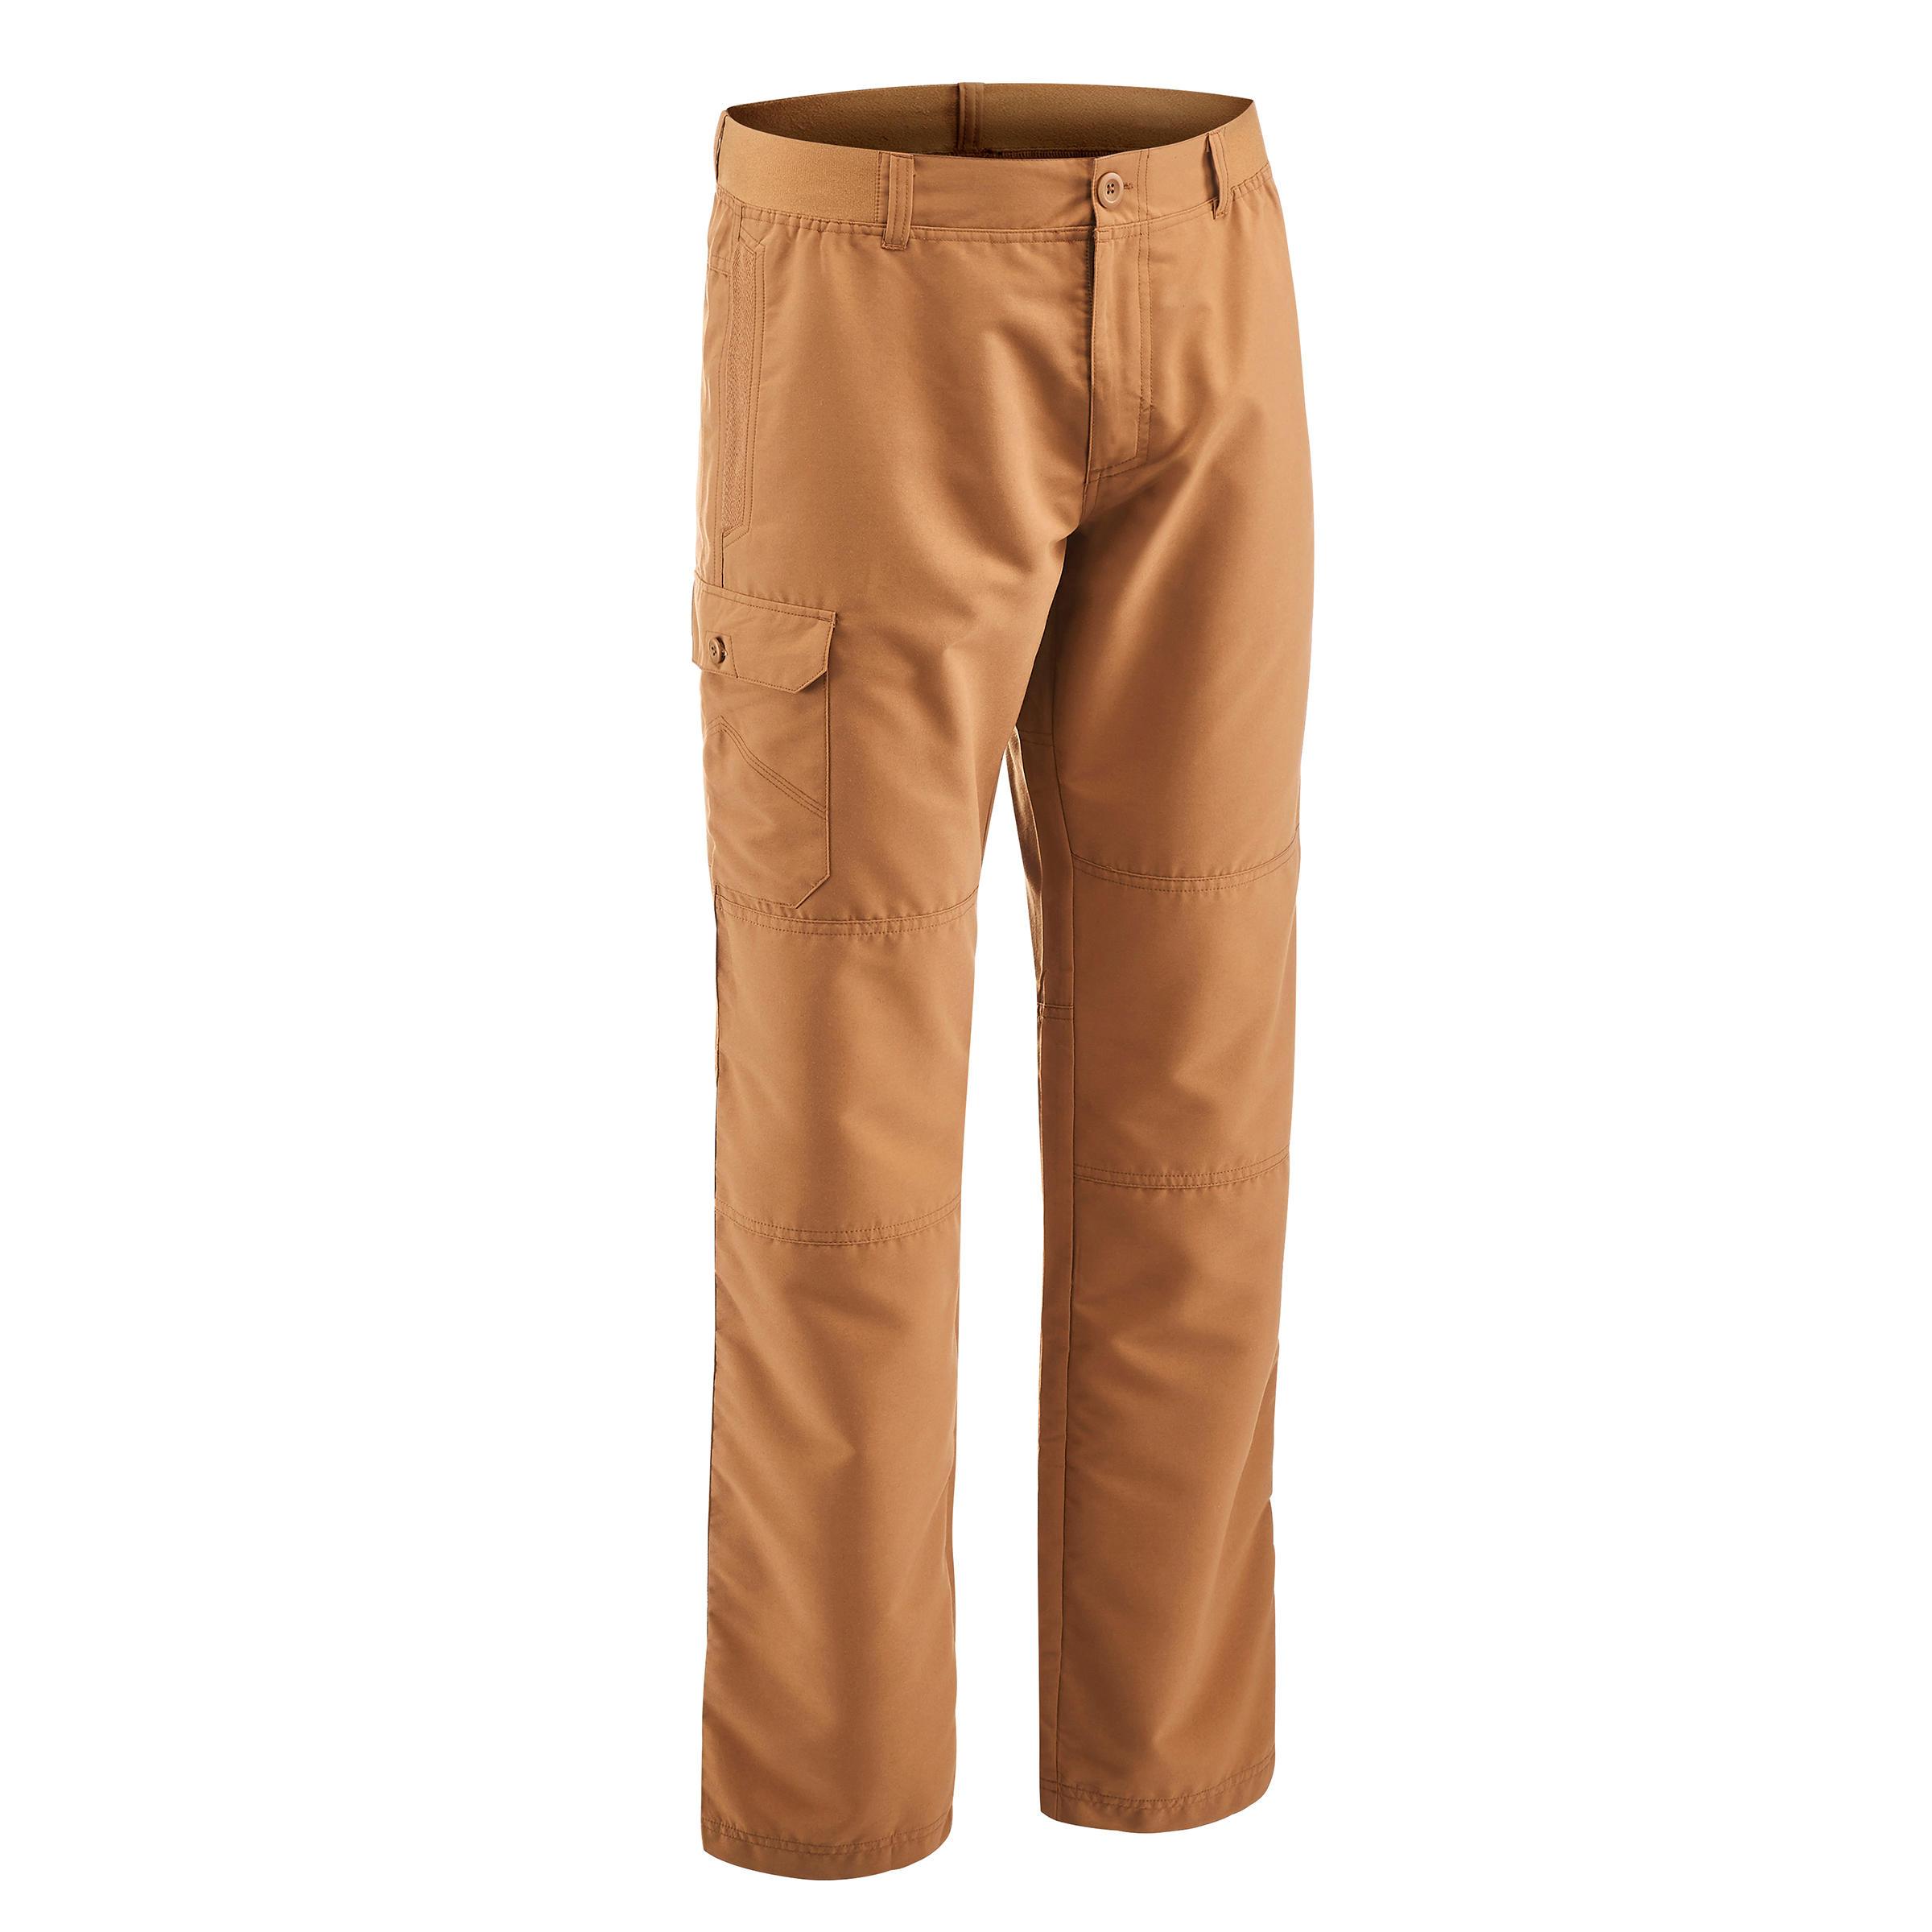 Pantalon randonnée...